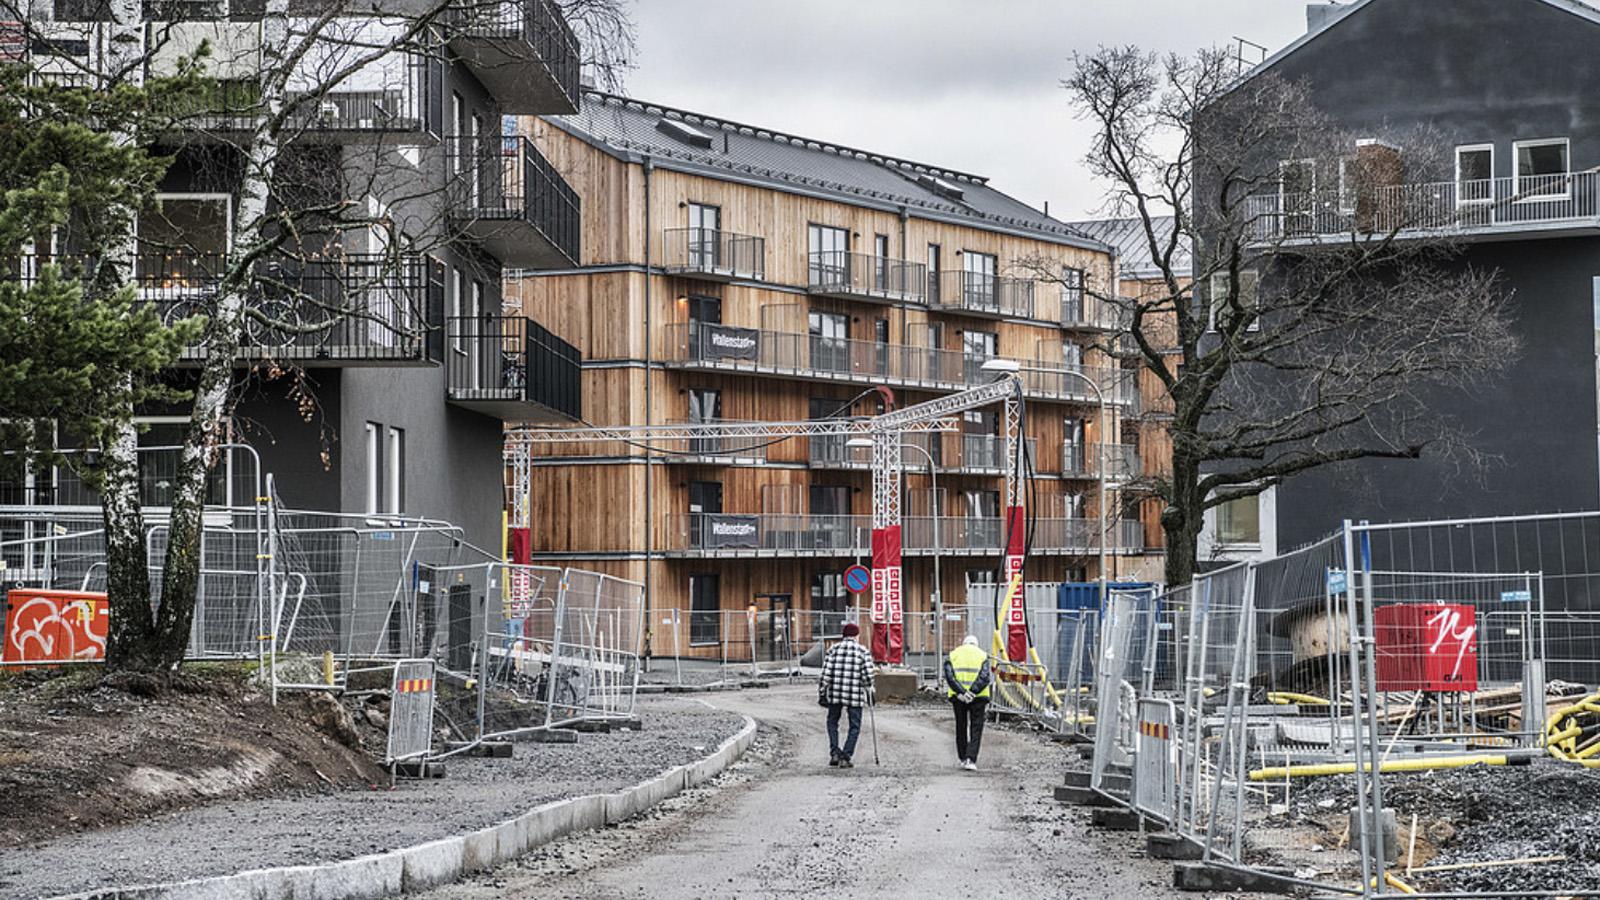 Rodgrona vill bygga billiga bostader for ungdomar